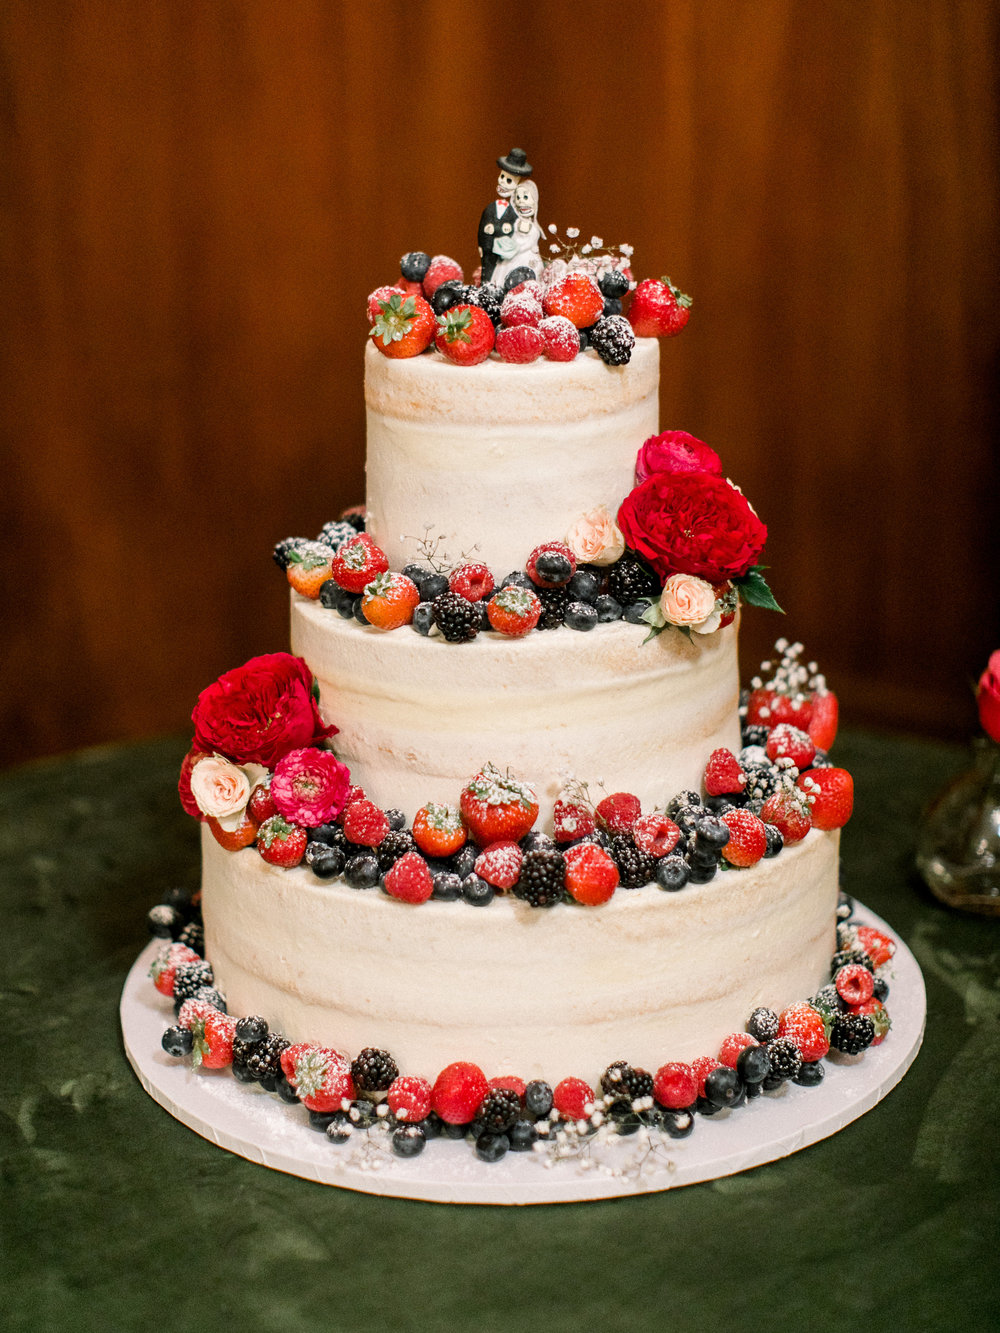 Stephanie & Leo's Cake- Photo by Sposto Photo